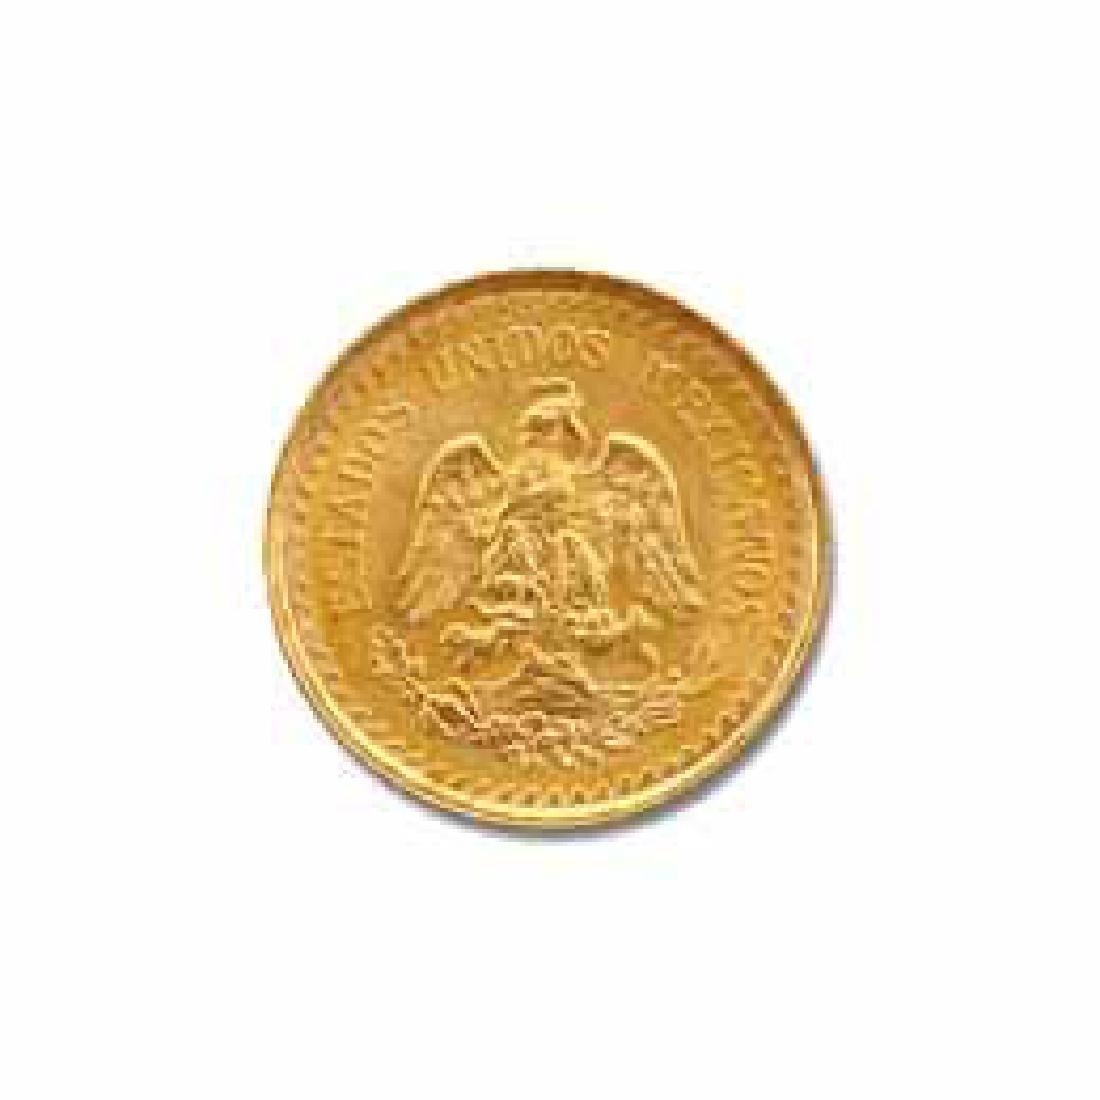 Mexico 2.5 Pesos Gold Coin